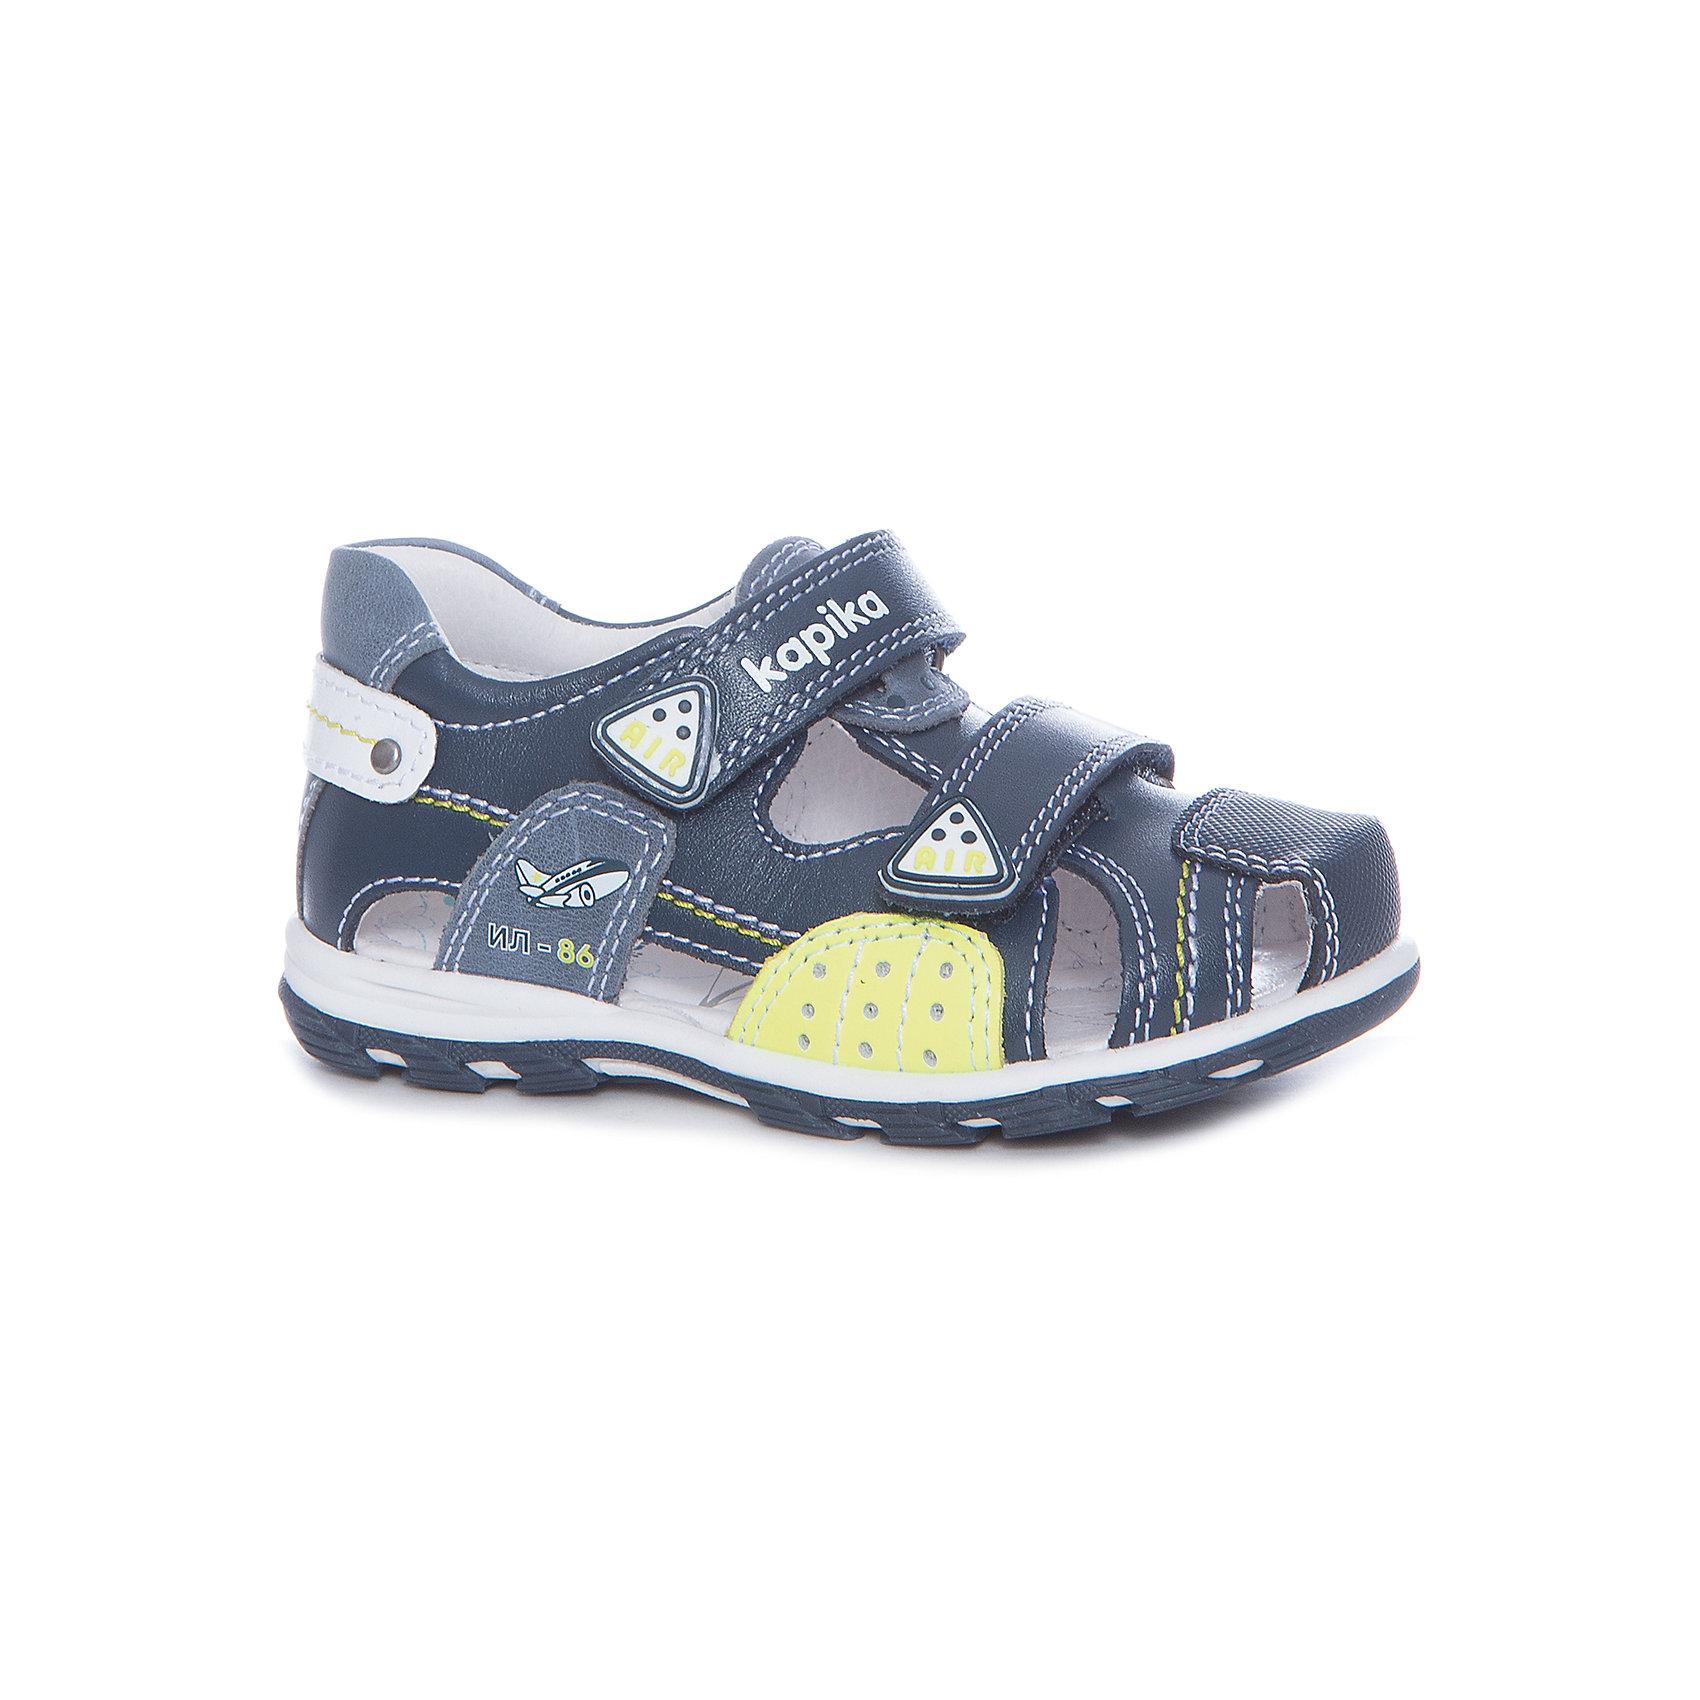 Сандалии для мальчика KAPIKA, синиеСандалии<br>Характеристики товара:<br><br>• цвет: синий, салатовый<br>• анатомическая обувь<br>• внешний материал обуви: натуральная кожа<br>• внутренний материал: натуральная кожа<br>• стелька: натуральная кожа<br>• подошва: ТЭП<br>• тип сандалей: с закрытым мысом<br>• тип застежки: на липучке<br>• сезон: лето<br>• страна бренда: Россия<br>• страна изготовитель: Китай<br><br>Сандалии с закрытым мысом для мальчика от российского бренда Kapika (Капика) можно купить в нашем интернет-магазине.<br><br>Ширина мм: 227<br>Глубина мм: 145<br>Высота мм: 124<br>Вес г: 325<br>Цвет: синий/зеленый<br>Возраст от месяцев: 60<br>Возраст до месяцев: 72<br>Пол: Мужской<br>Возраст: Детский<br>Размер: 29,23,24,25,26,27,28<br>SKU: 5323720